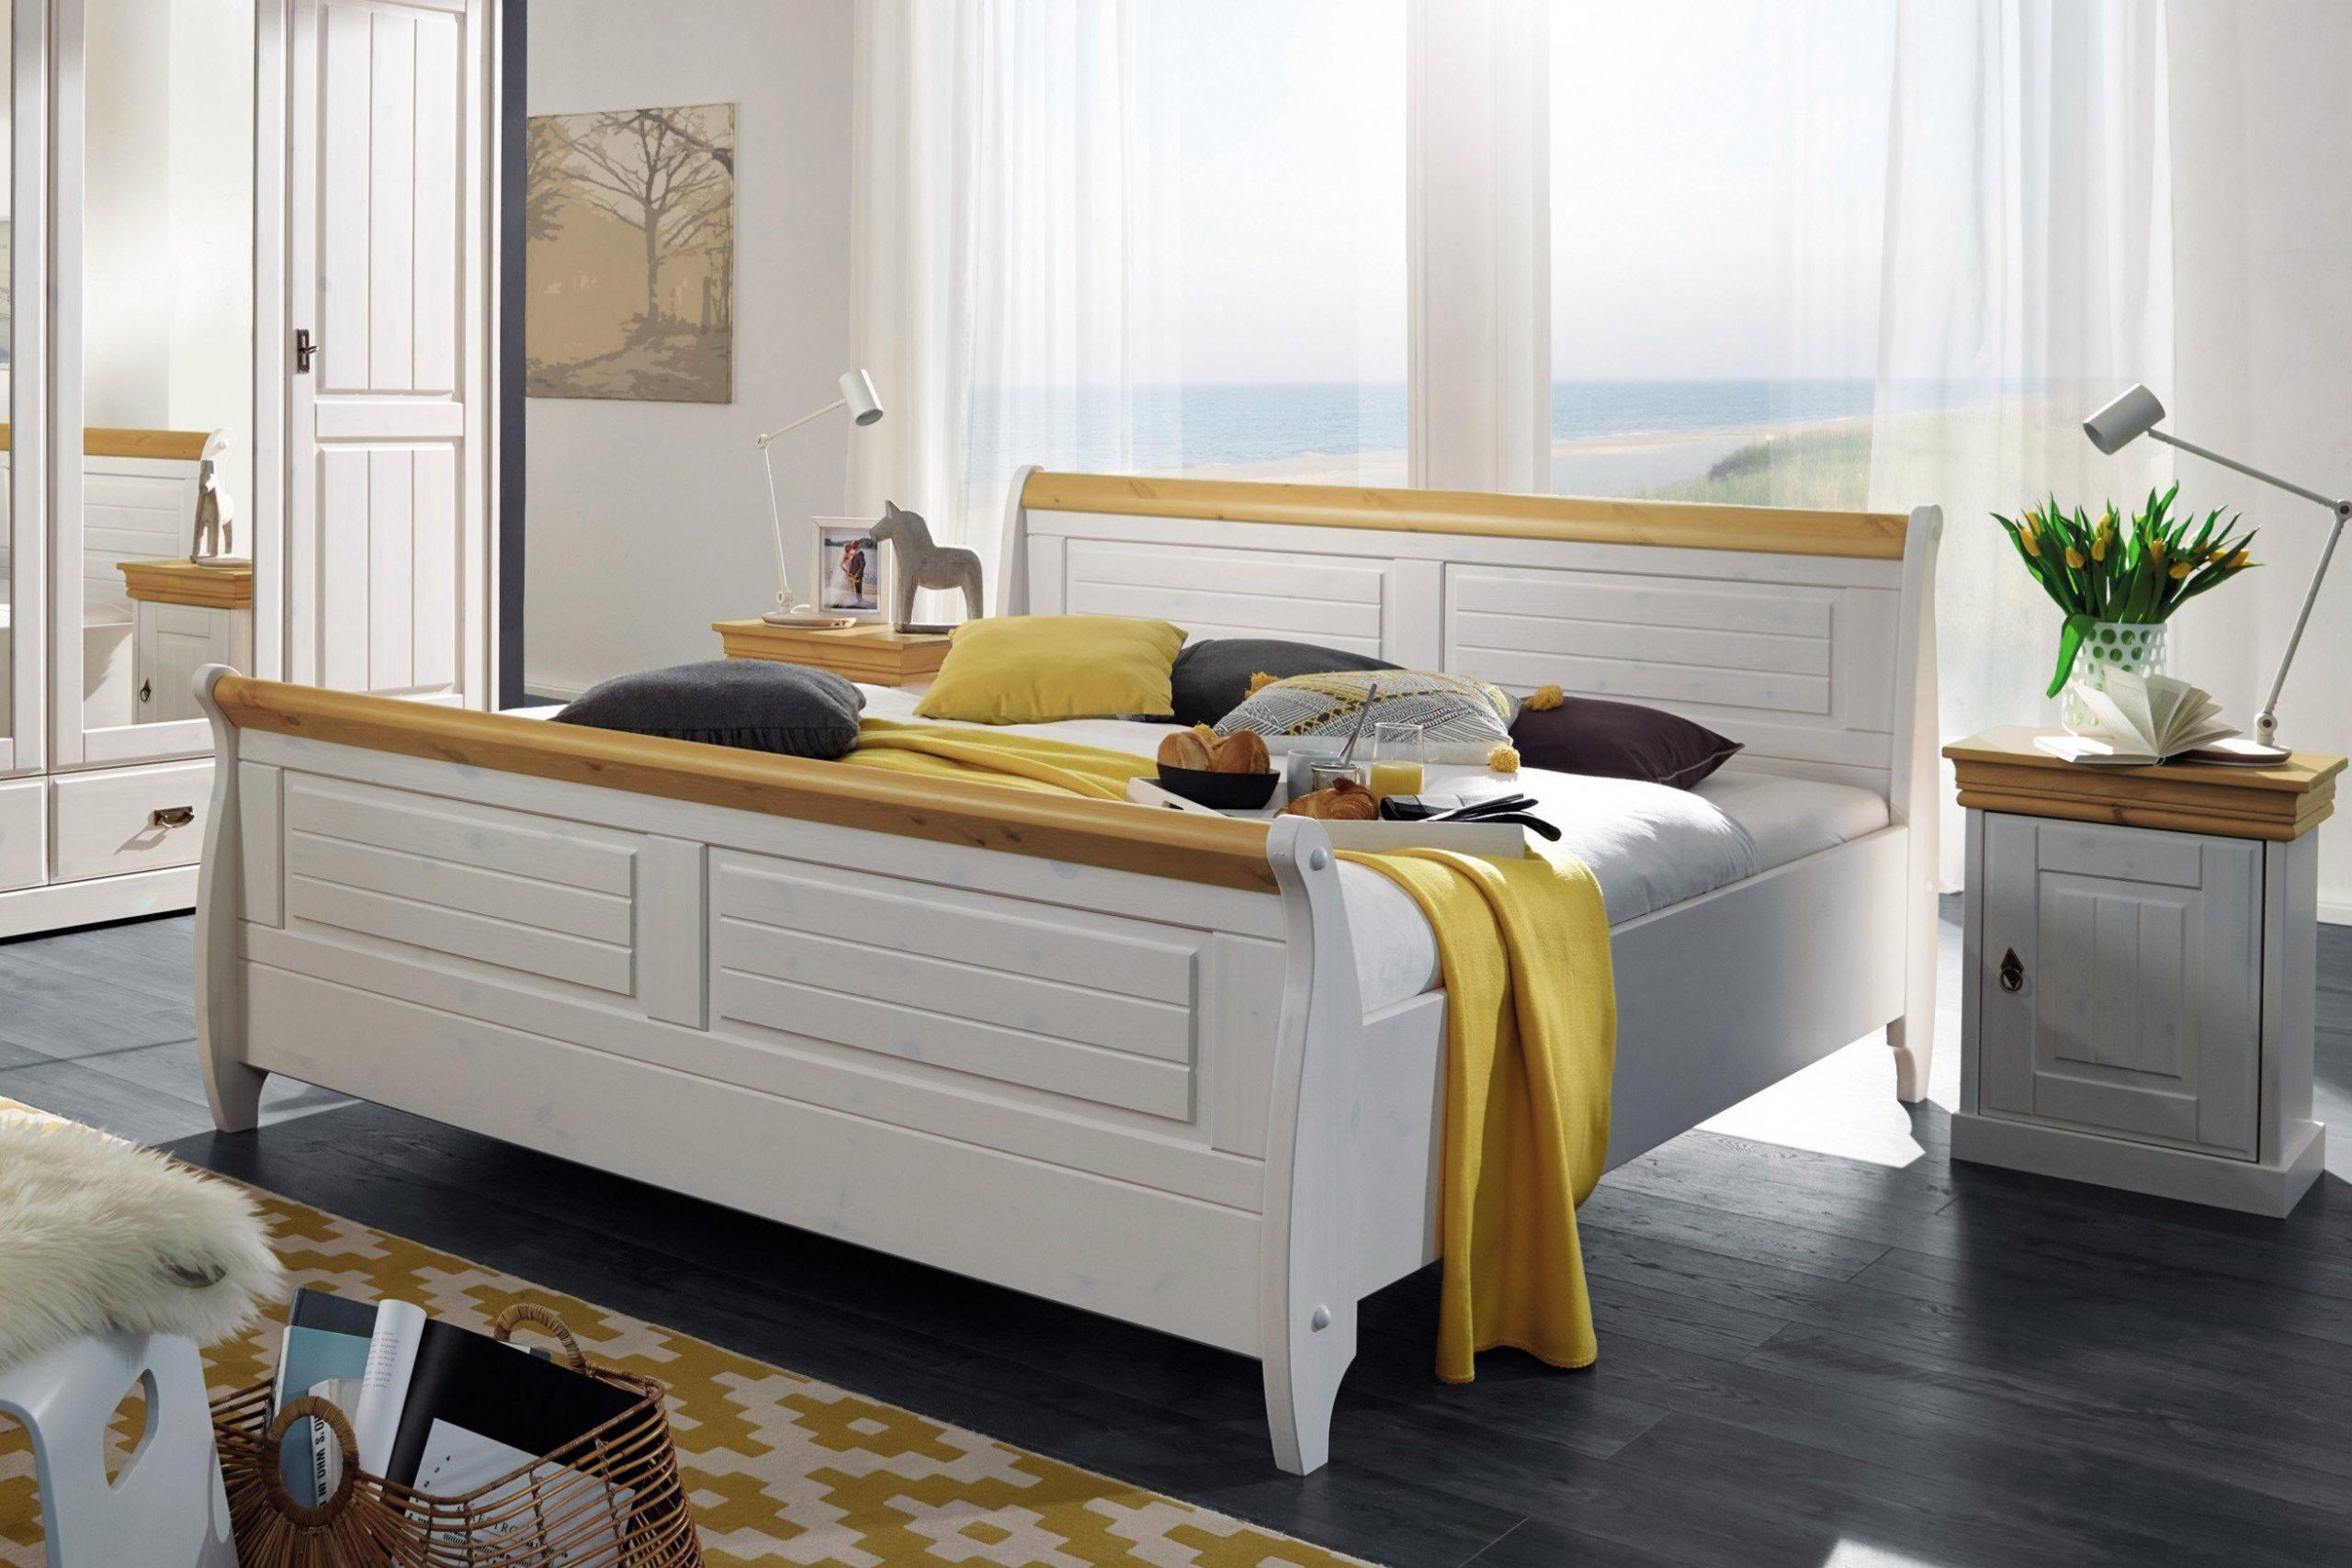 Full Size of Romantisches Bett Betten 90x200 Ausziehbar Weiß 160x200 Dormiente Nussbaum Außergewöhnliche 100x200 Schöne Eiche Sonoma 140x200 180x200 Meise Stapelbar Bett Romantisches Bett